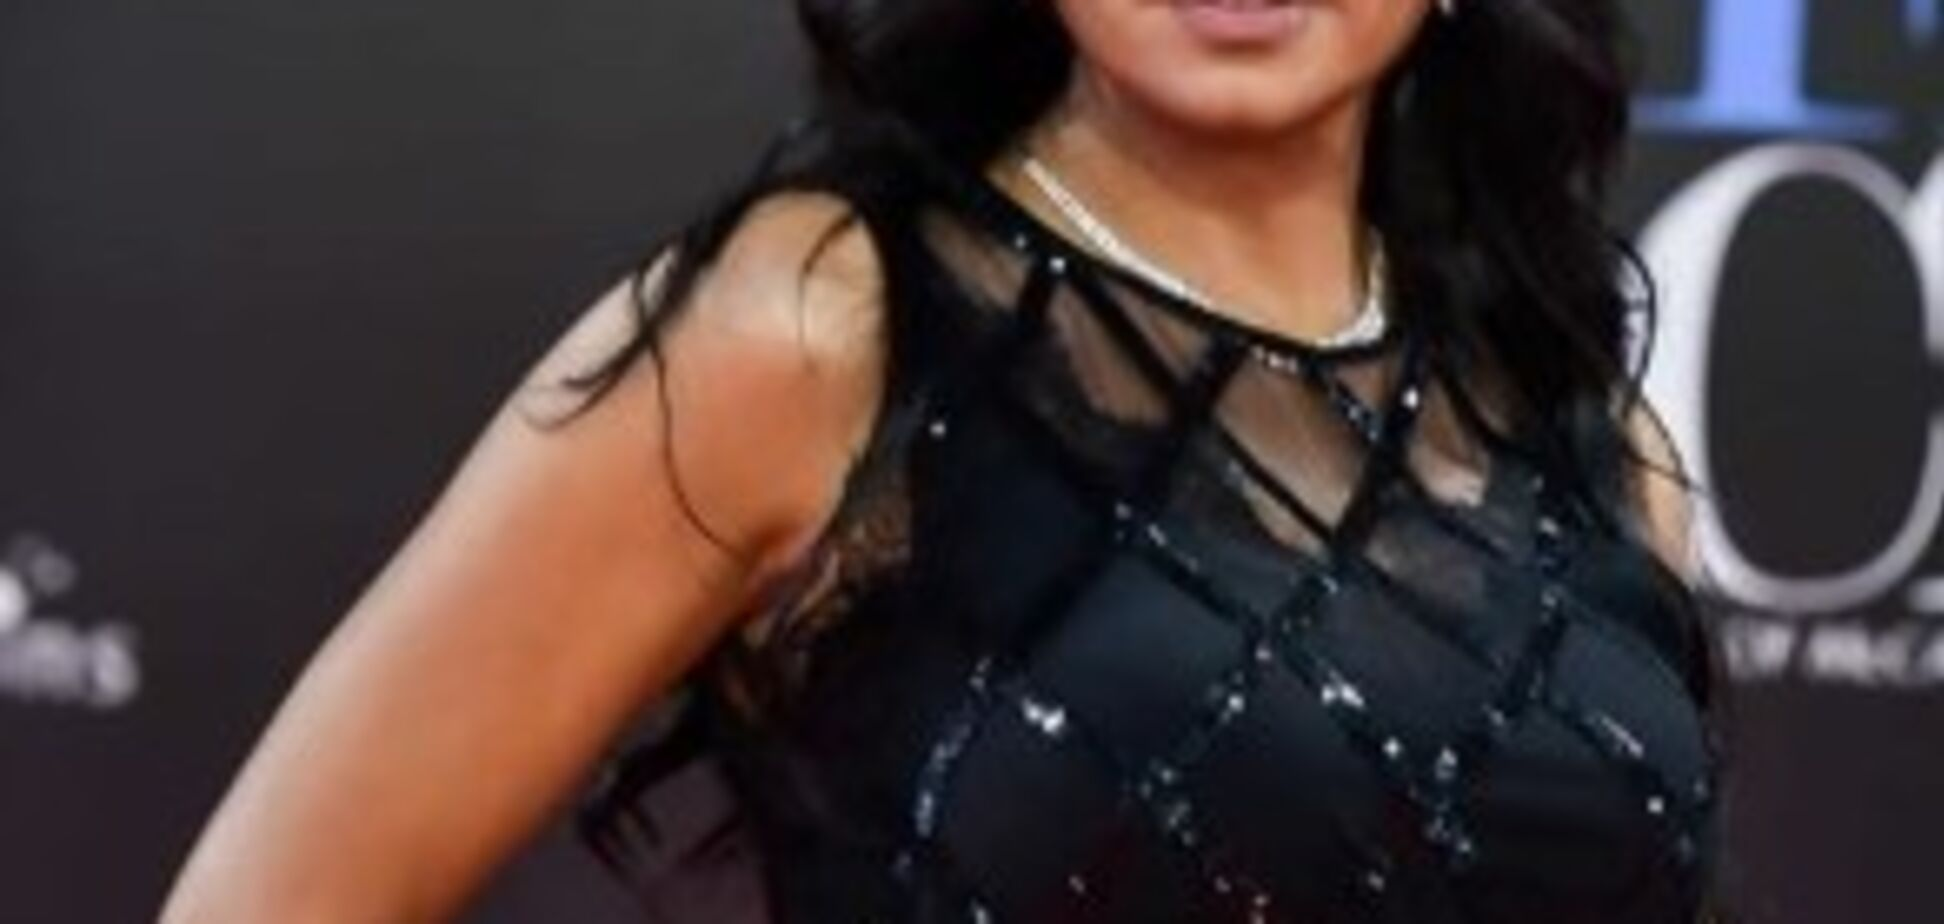 До п'яти років в'язниці: в Єгипті розгорівся скандал навколо відвертого вбрання кінозірки